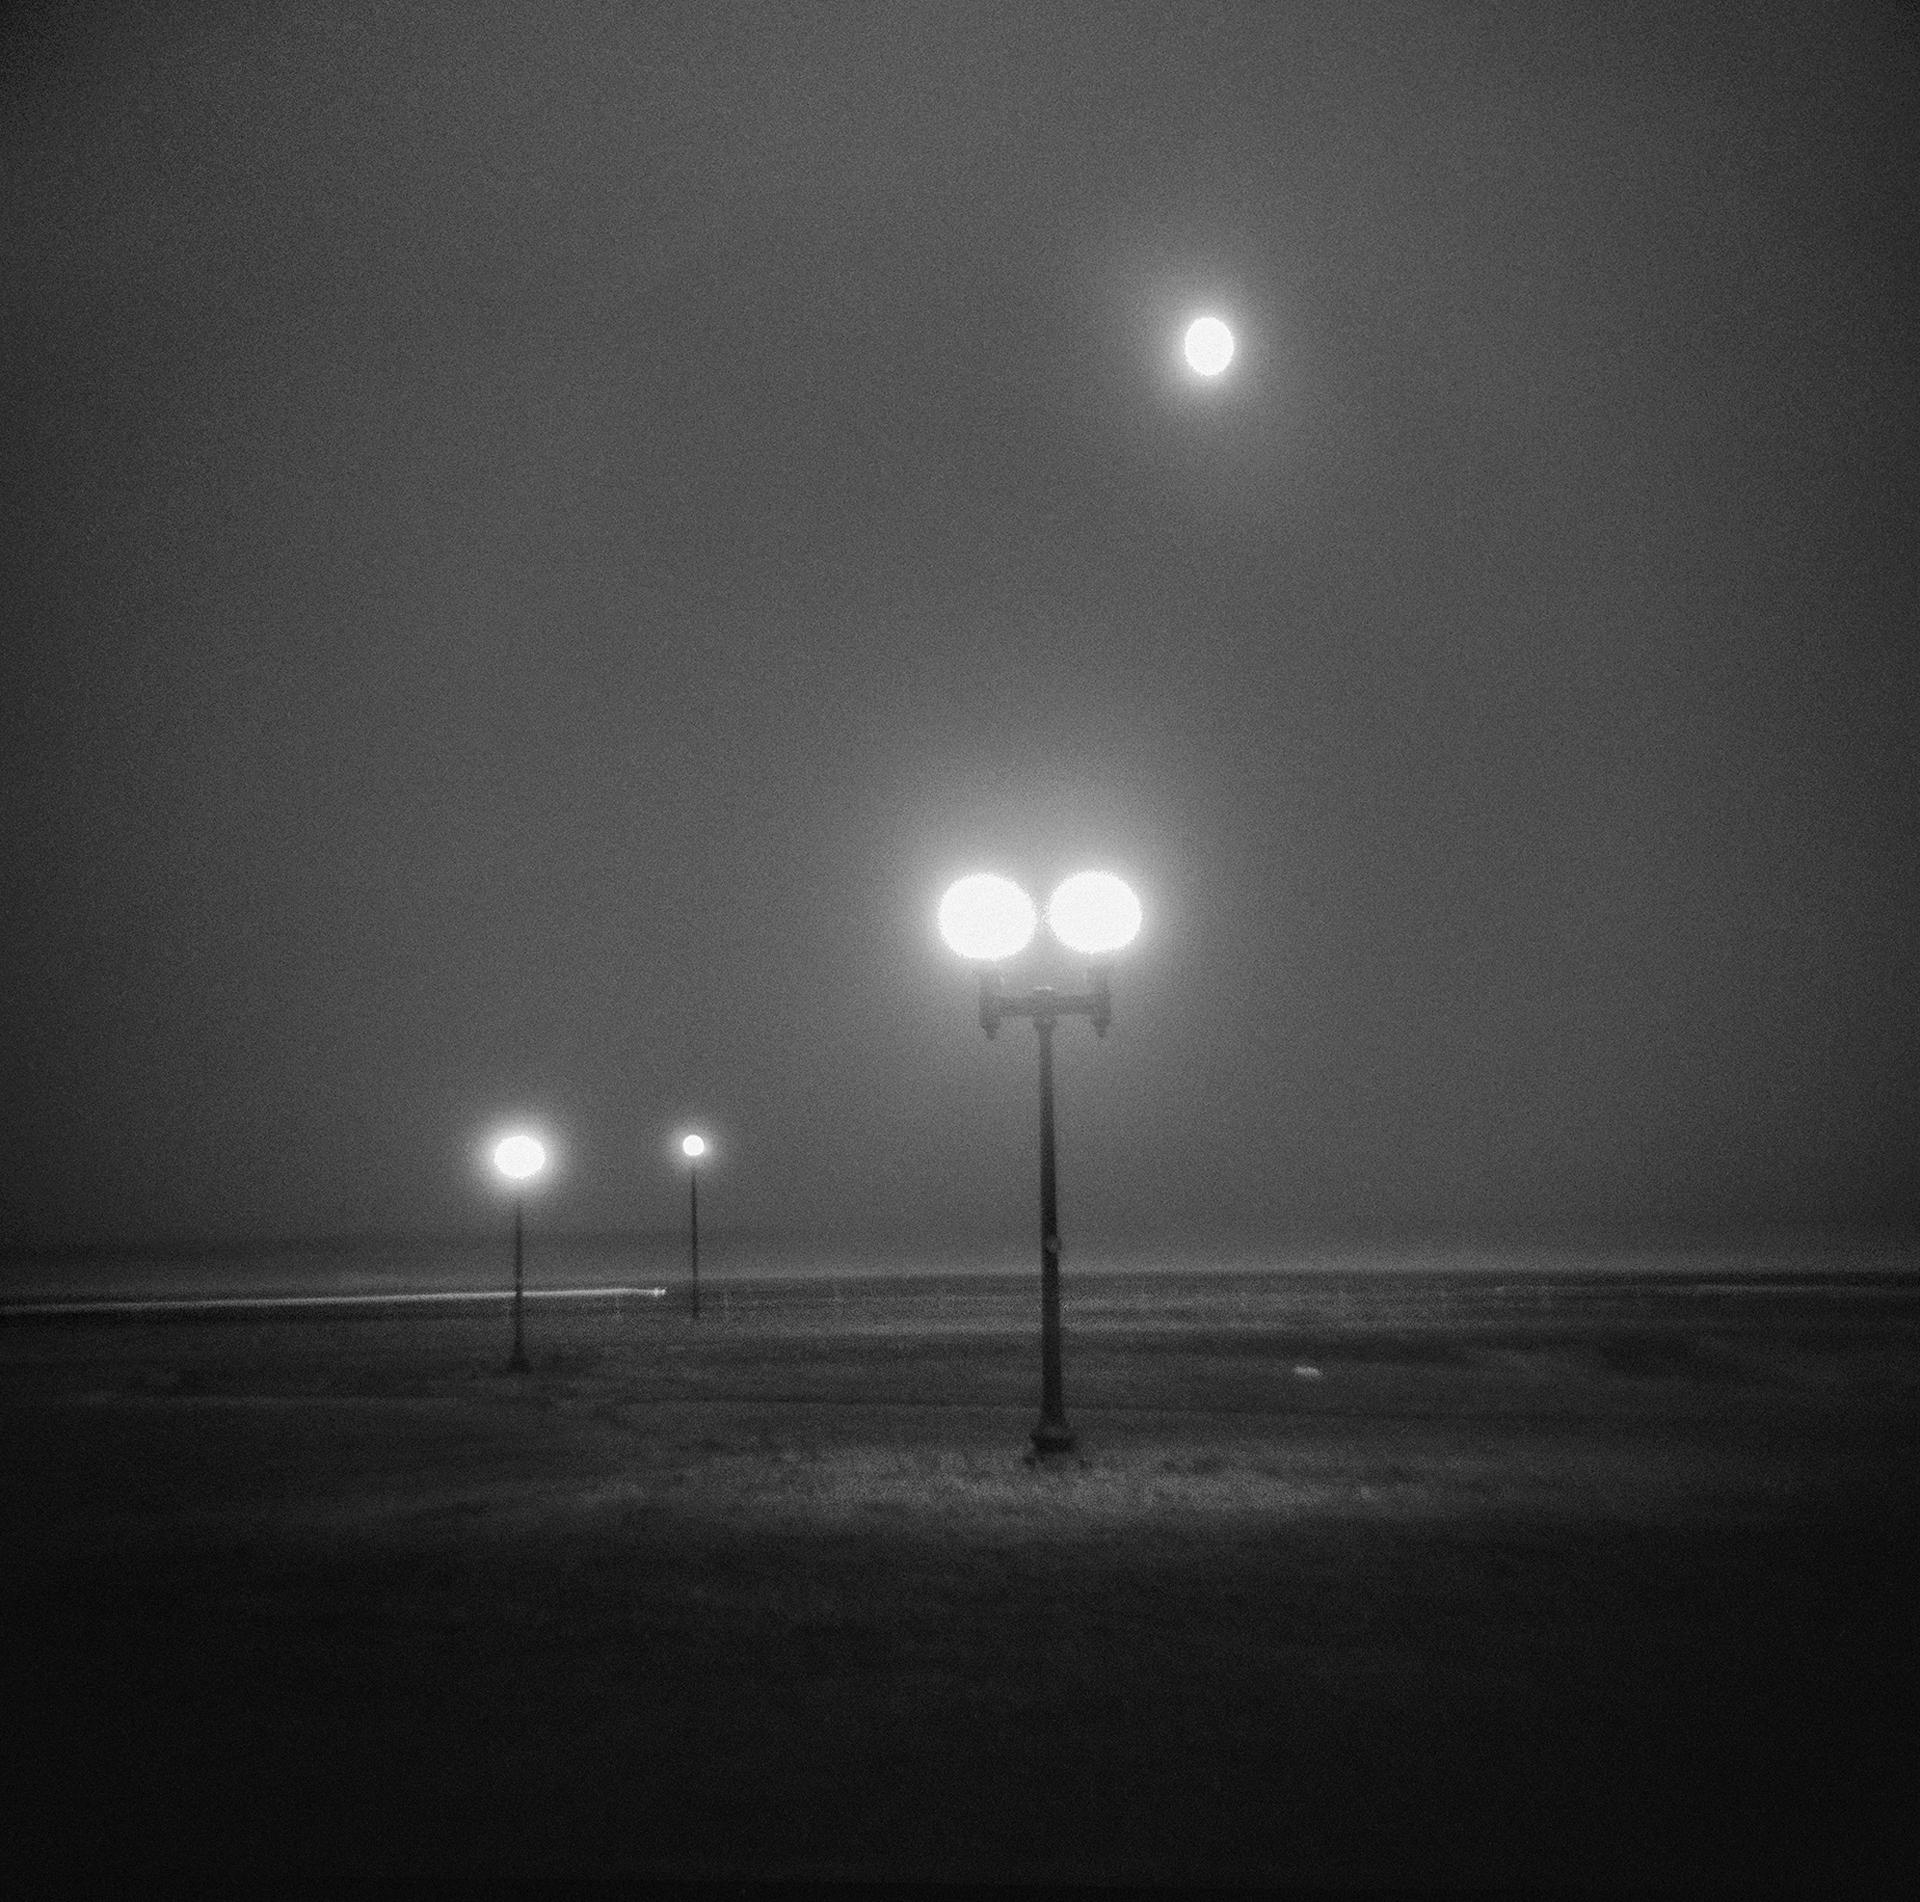 Untitled (night lights), 2010